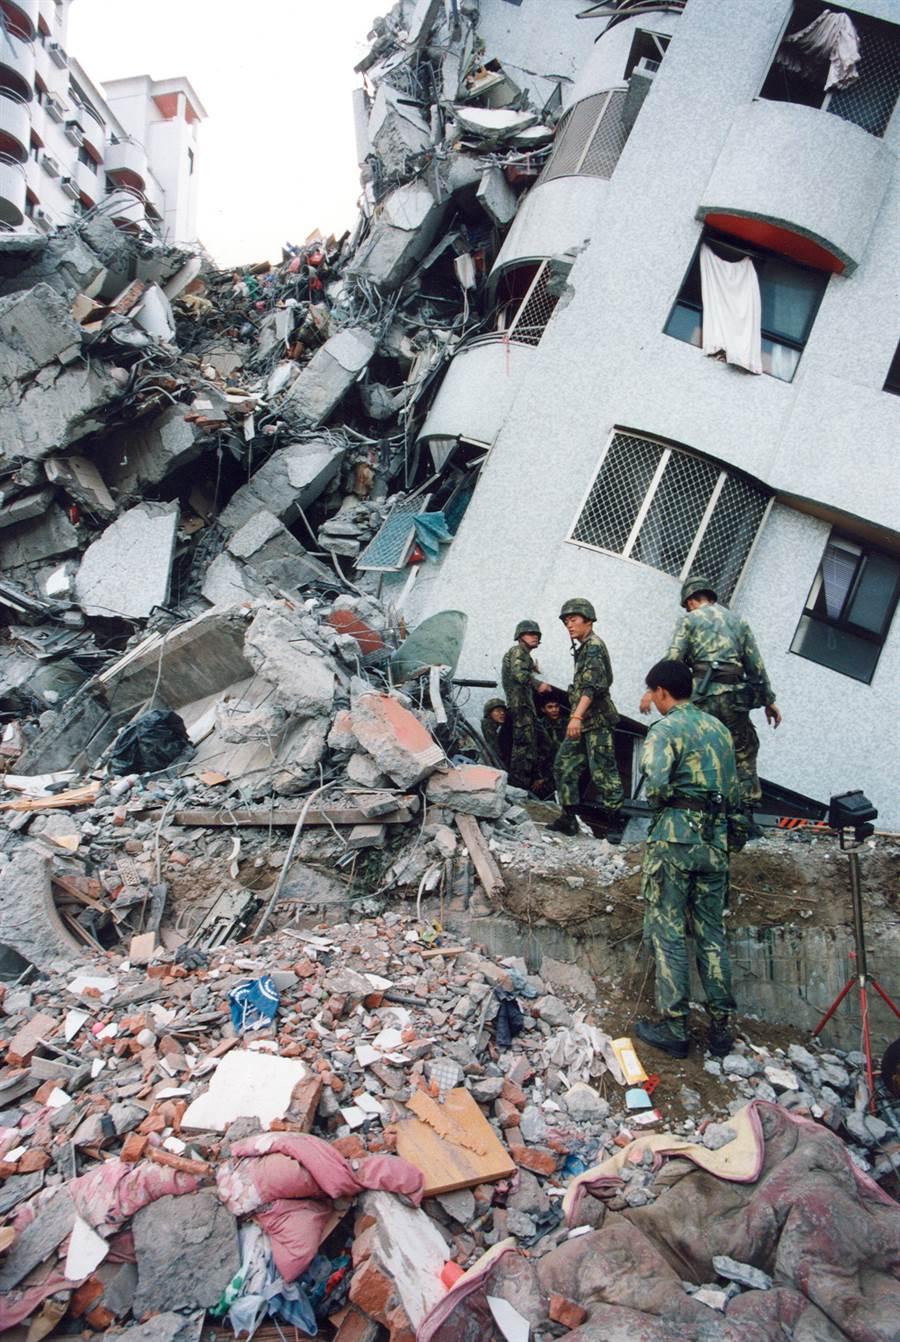 921北市唯一倒塌的東星大樓,造成87人死亡,災情發生後國軍加入搶救行列。(圖/中時資料照)